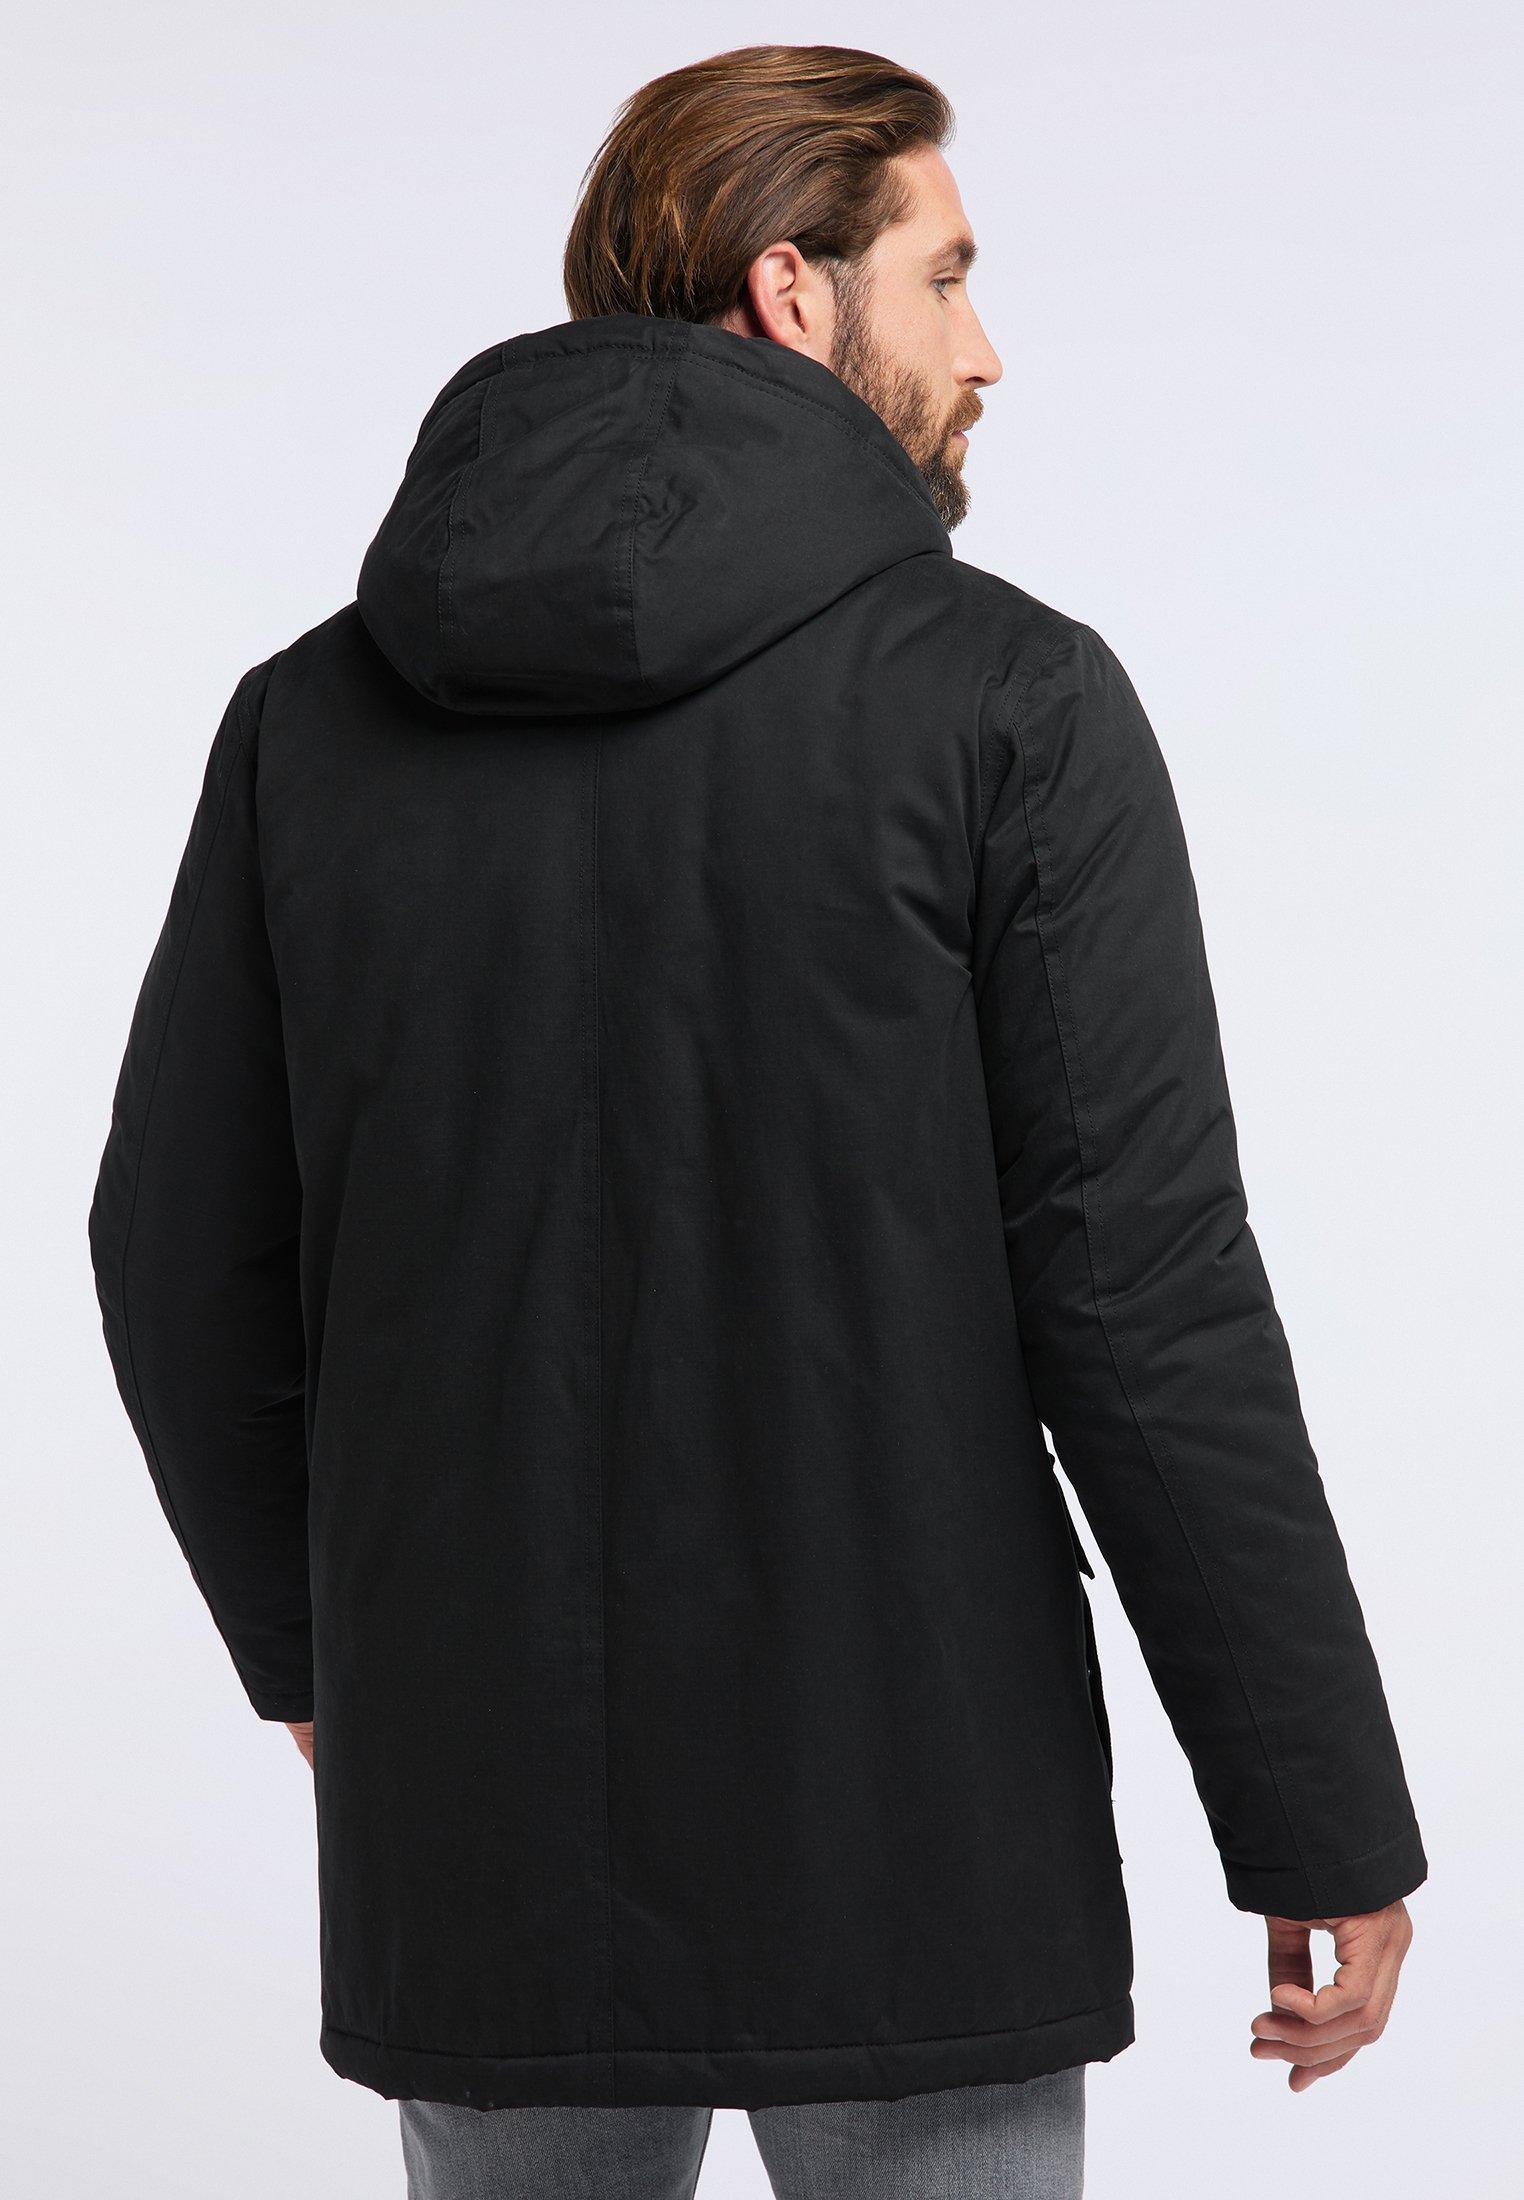 Ny Stil Online Shopping Tøj til herrer ICEBOUND Vinterfrakker black Cow50e 6g43O9